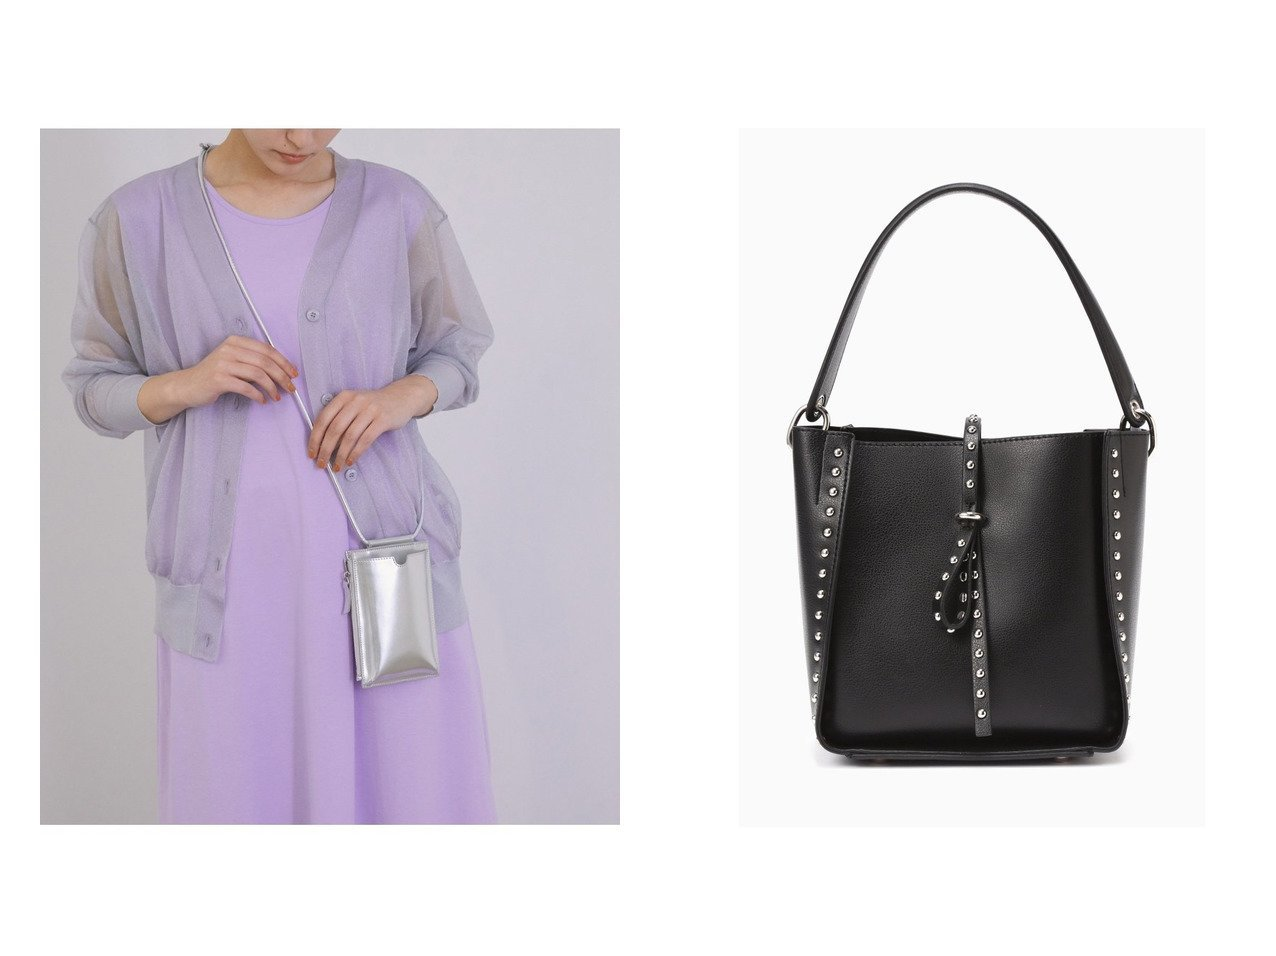 【ROSE BUD/ローズバッド】のスタッズショルダーバッグ&【ROPE' mademoiselle/ロペ マドモアゼル】の【スマートフォン対応】スマートウォレットミニショルダーバッグ 【バッグ・鞄】おすすめ!人気、トレンド・レディースファッションの通販  おすすめで人気の流行・トレンド、ファッションの通販商品 インテリア・家具・メンズファッション・キッズファッション・レディースファッション・服の通販 founy(ファニー) https://founy.com/ ファッション Fashion レディースファッション WOMEN バッグ Bag イエロー ウォレット ショルダー シルバー シンプル スマホ スマート スリット トレンド ポケット スタッズ ポーチ  ID:crp329100000062331